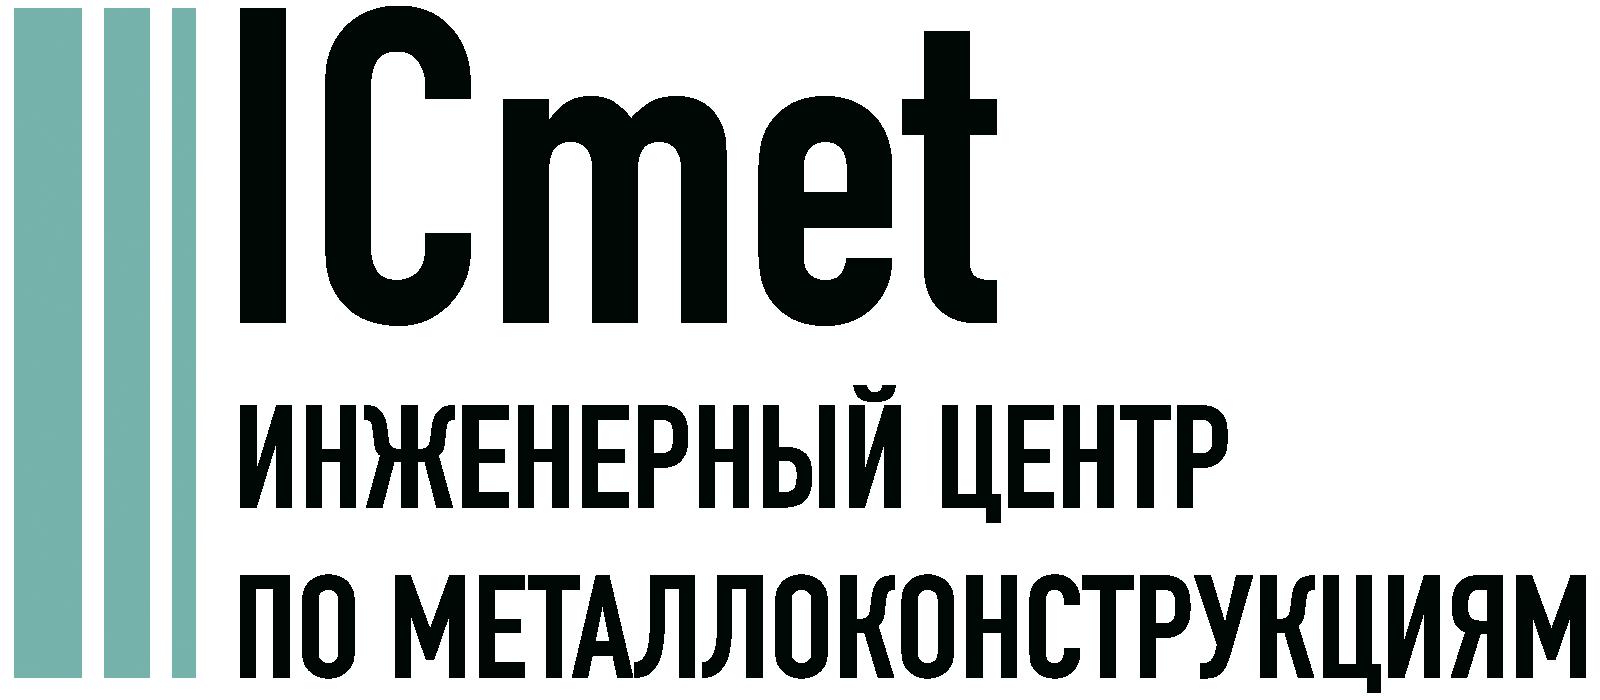 Проектирование металлоконструкций в Волгограде